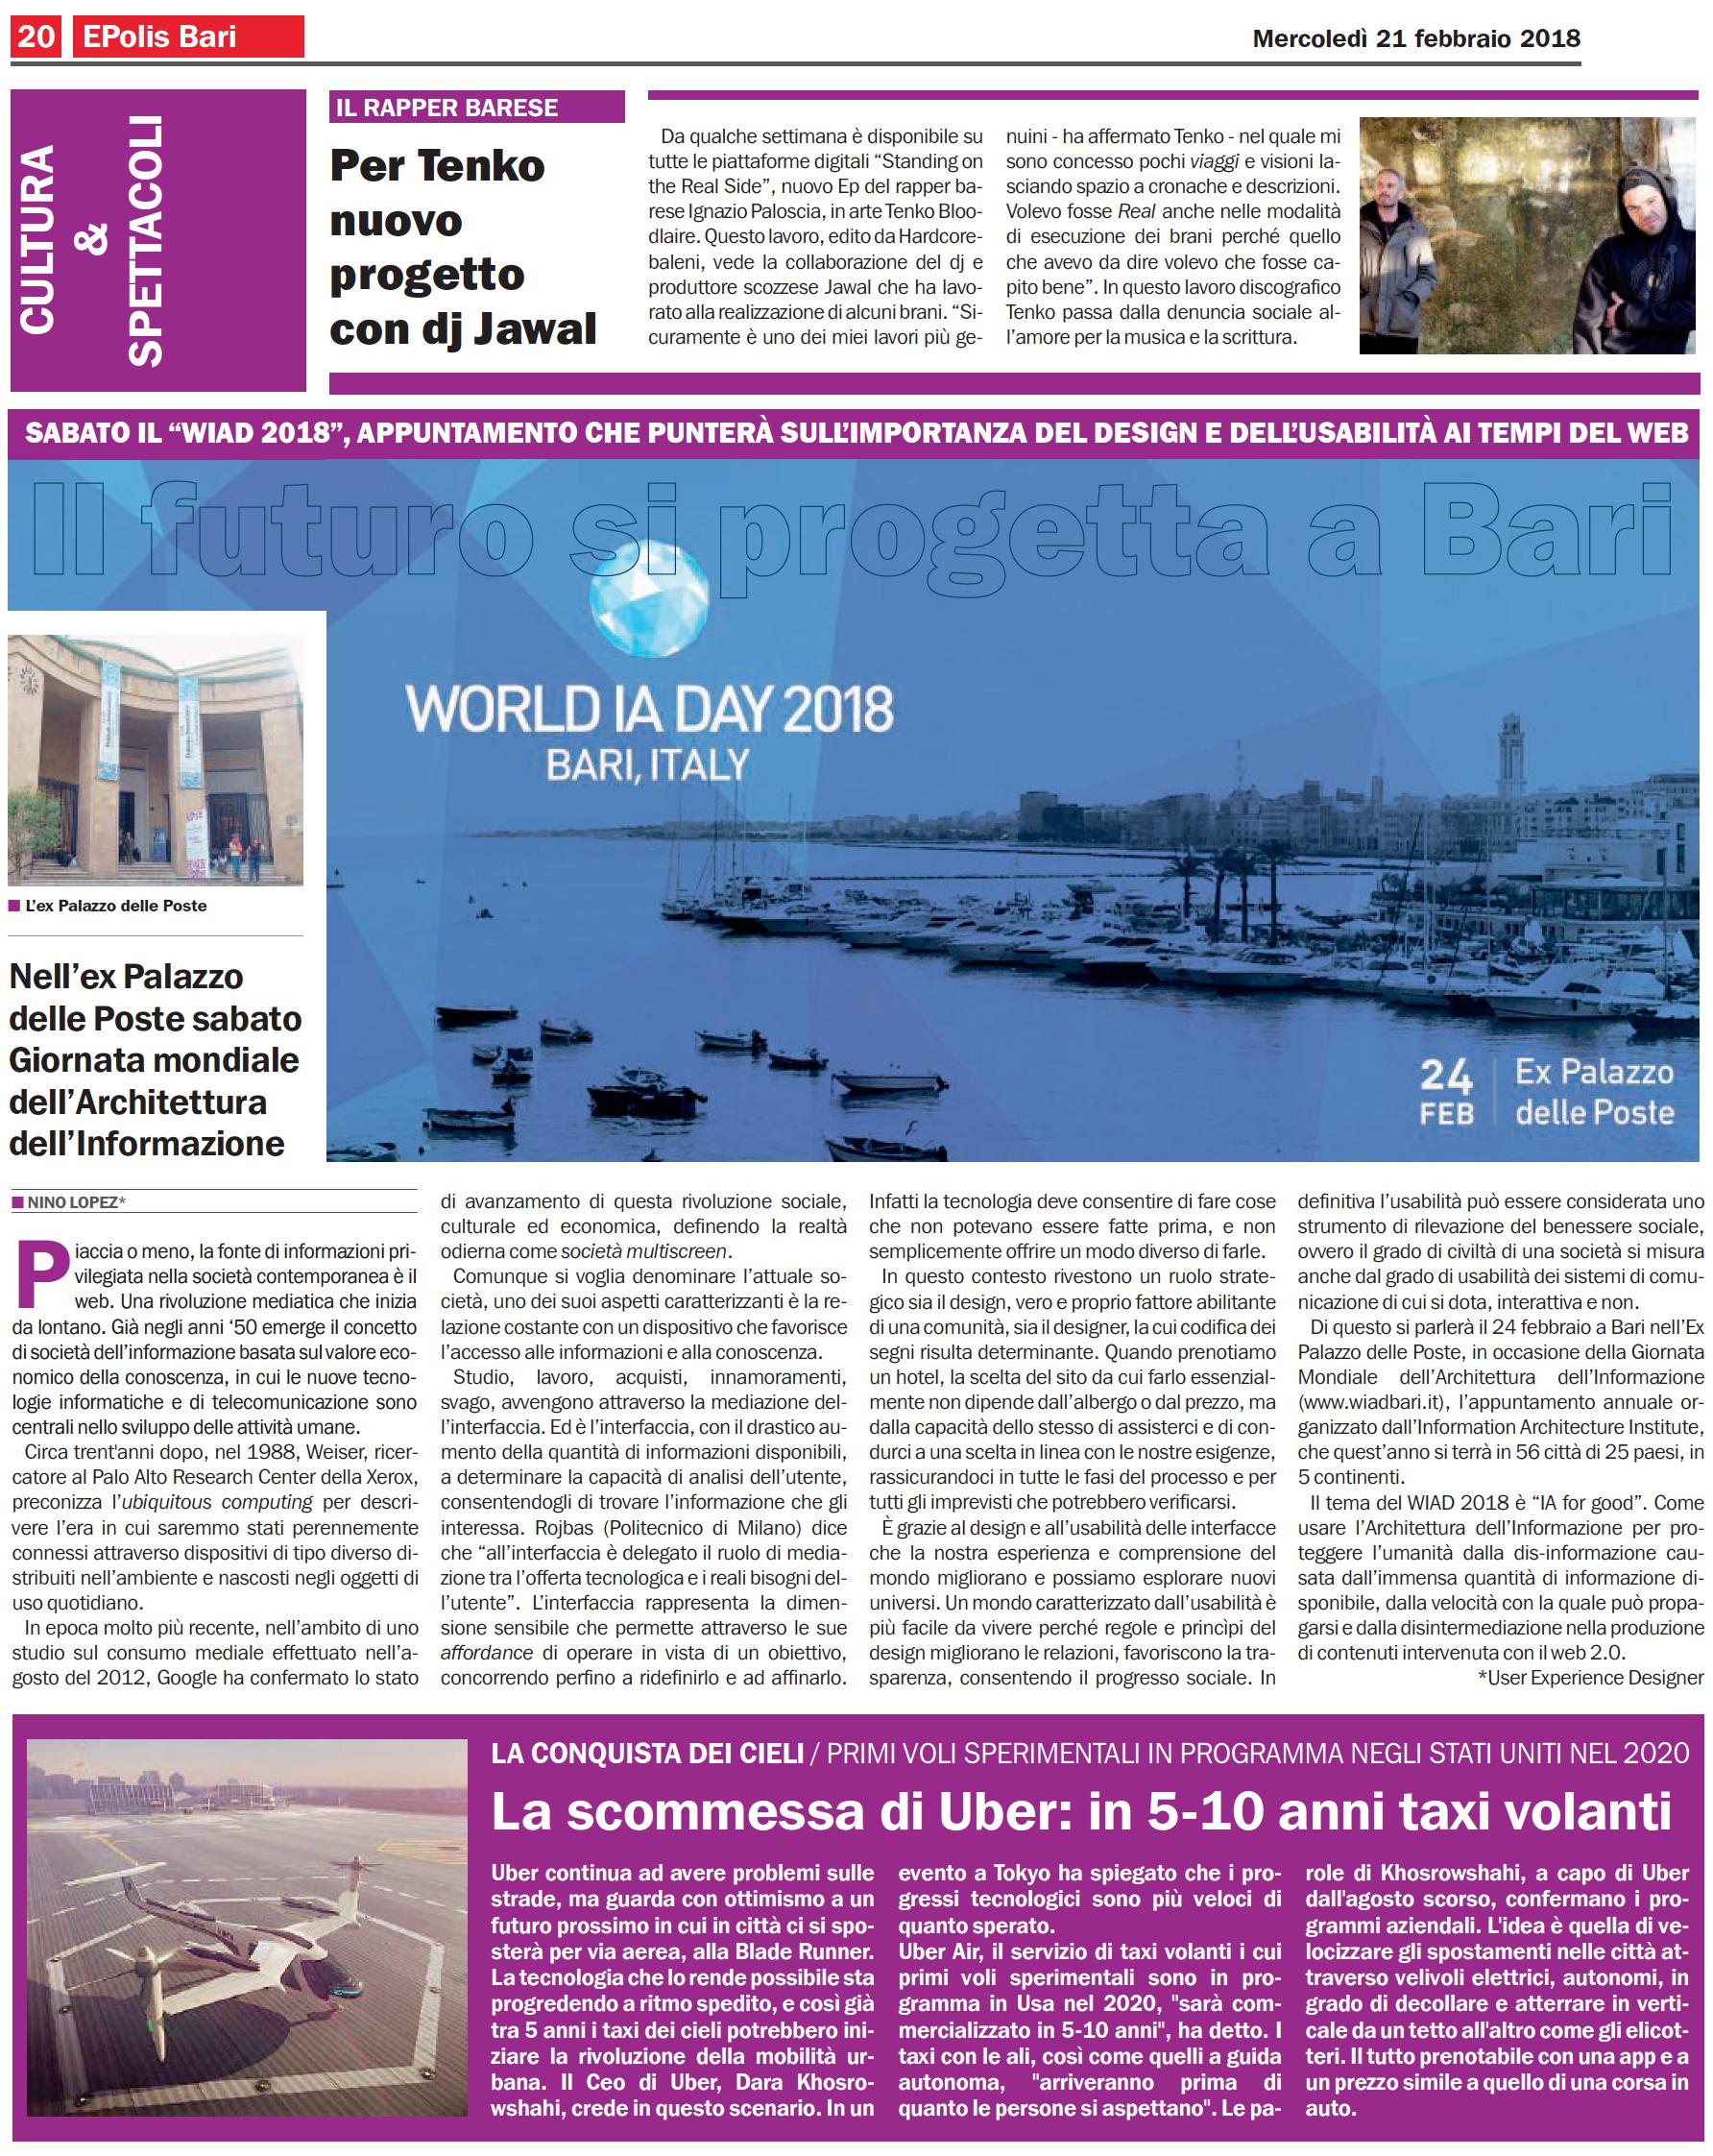 Articolo su Design e Usabilità. ePolis Bari